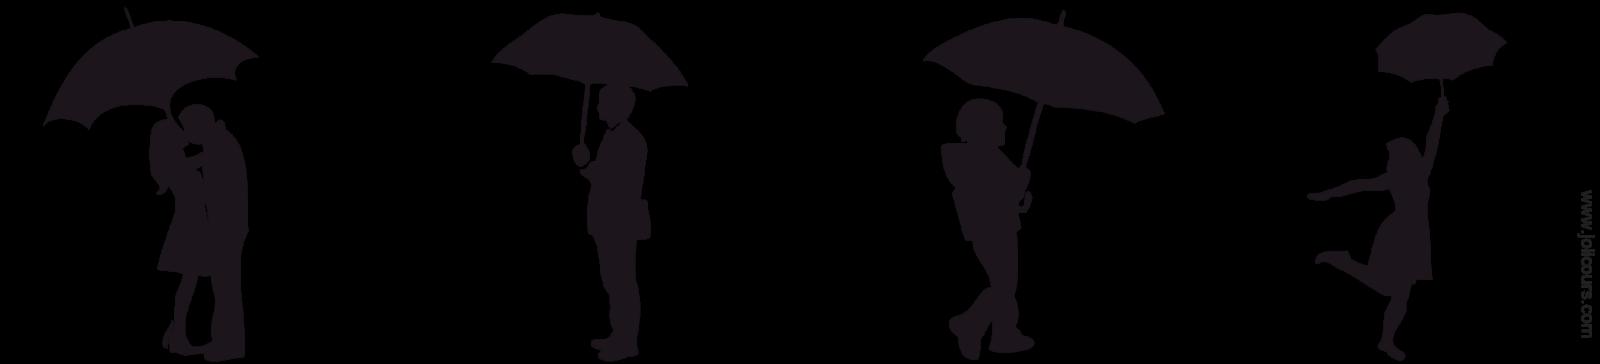 marc-allante-jolicours